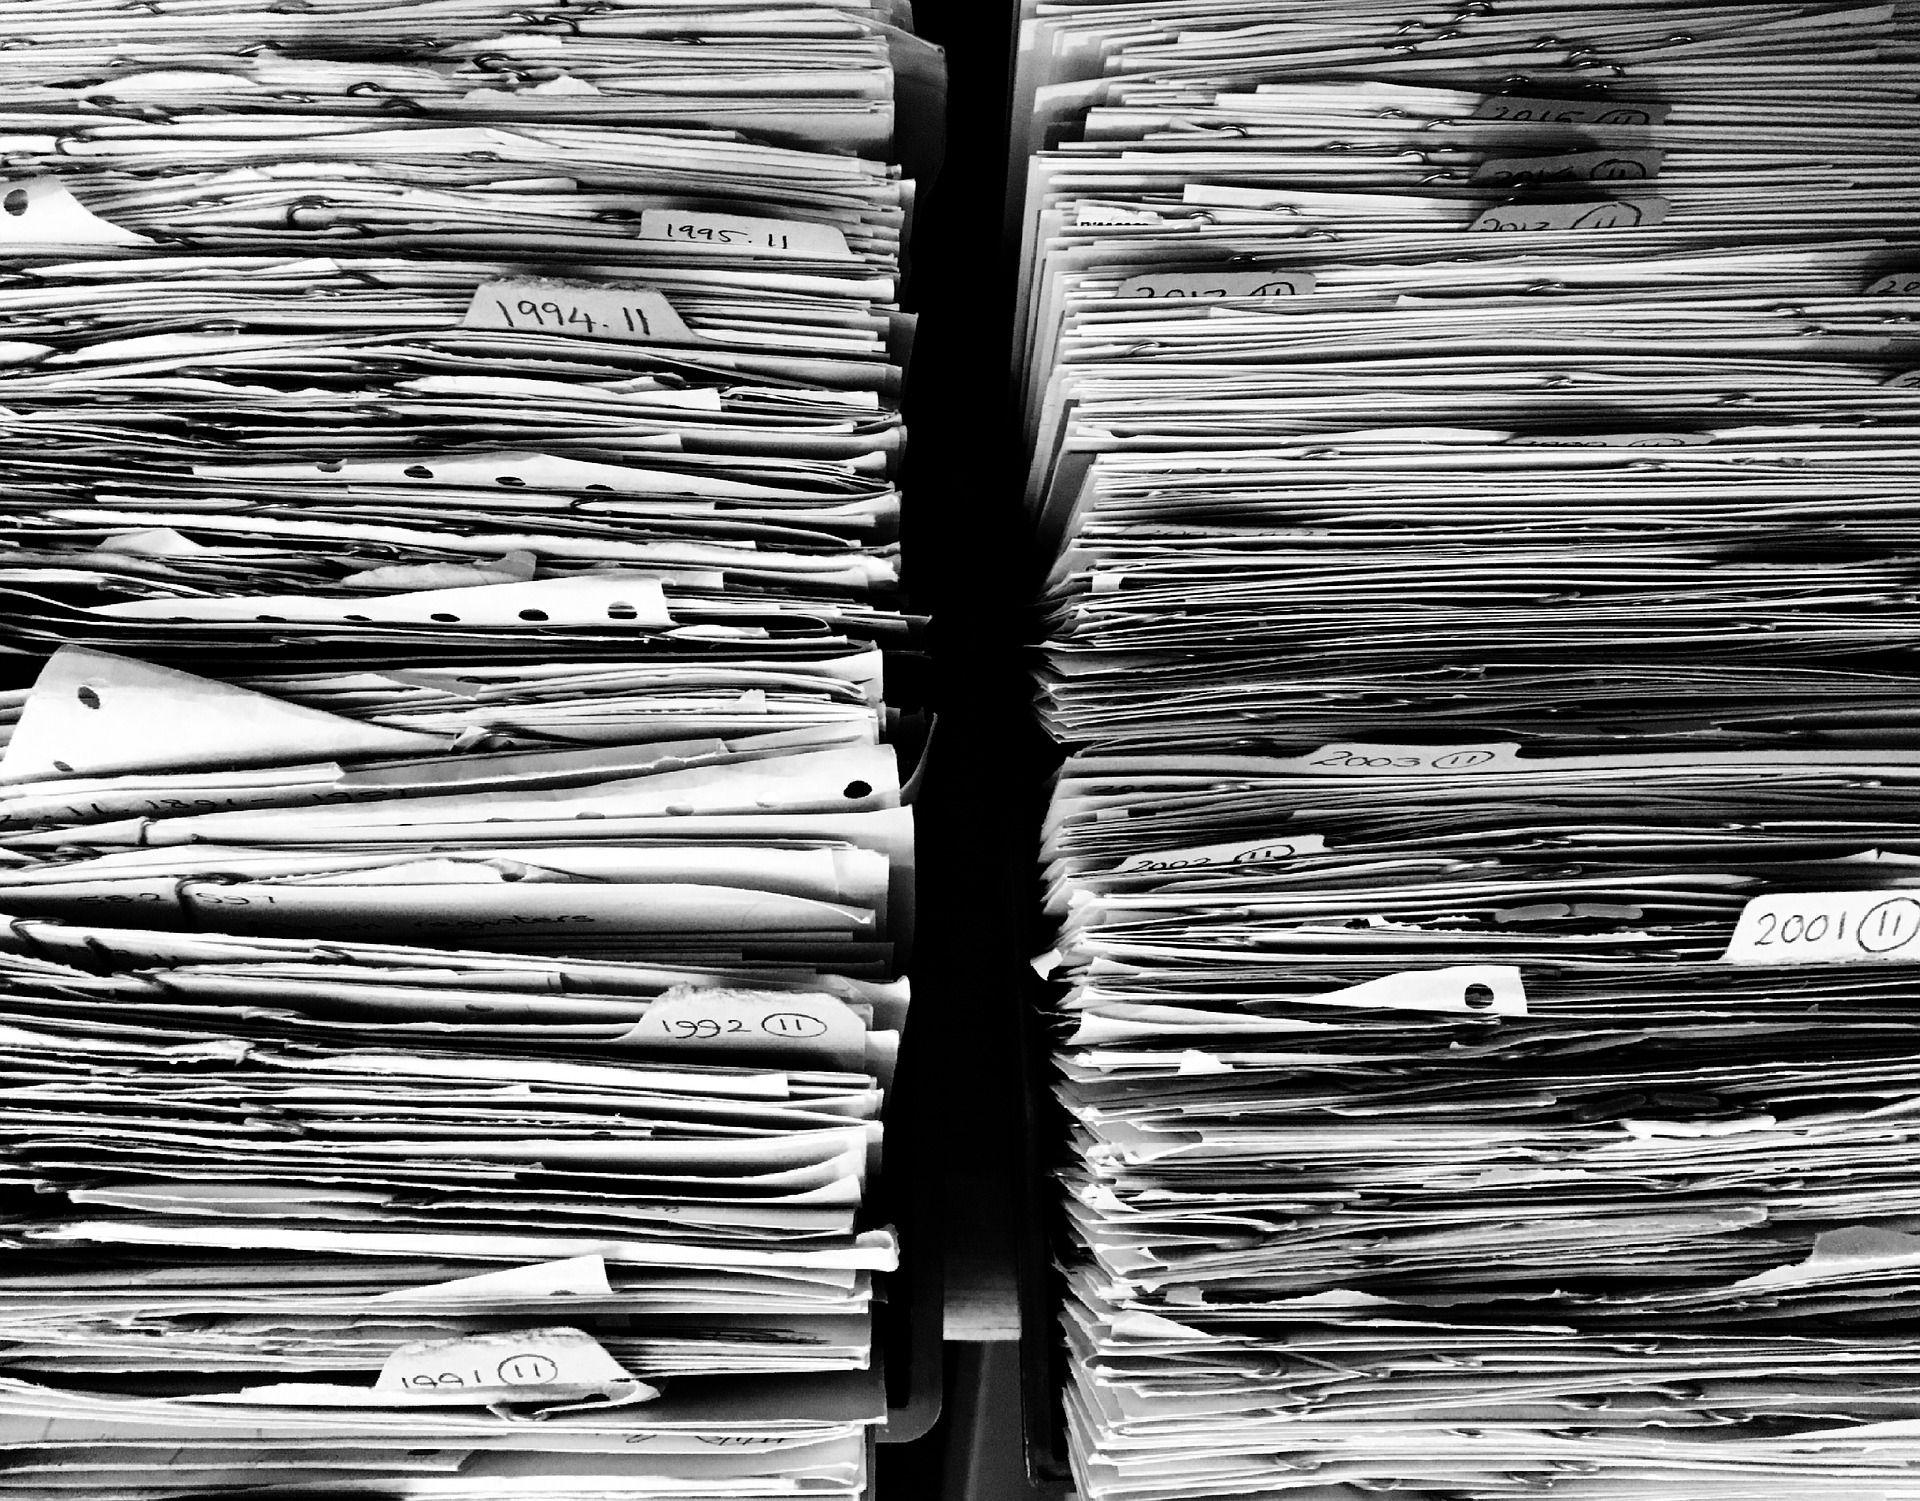 Műszaki vizsgálati bizonyítvány - az autózás helyett egyre több papírmunkával kell újra foglalkozni